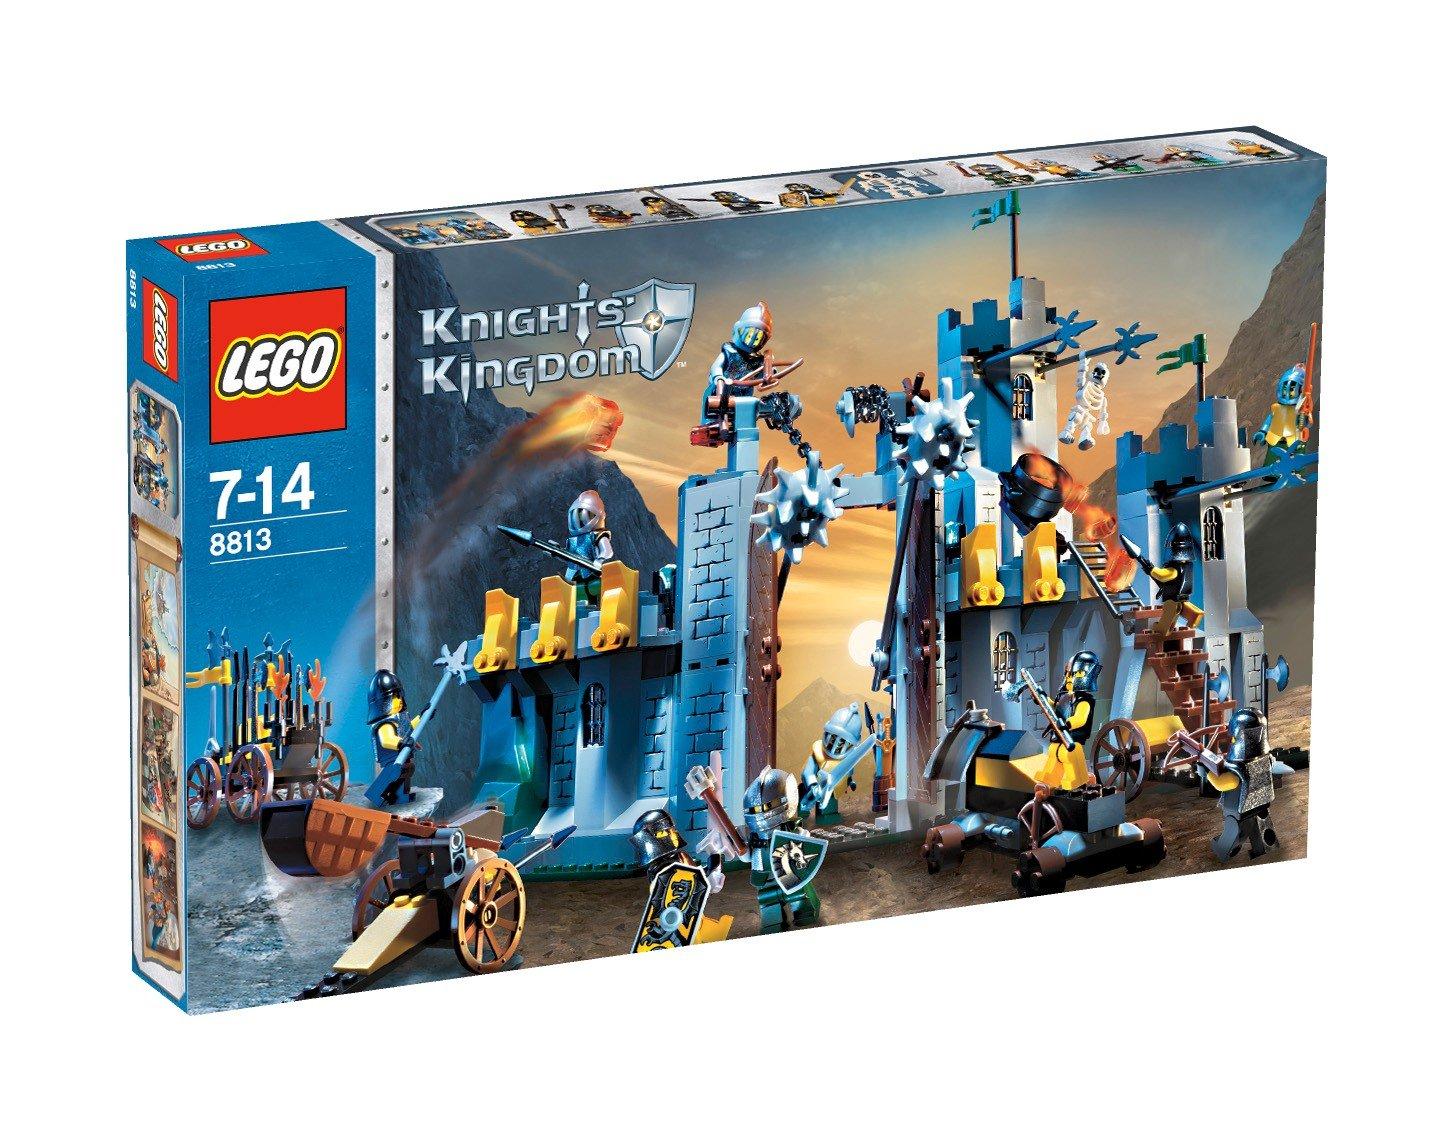 レゴ (LEGO) 騎士の王国 国境の戦い 8813   B000EU1I34